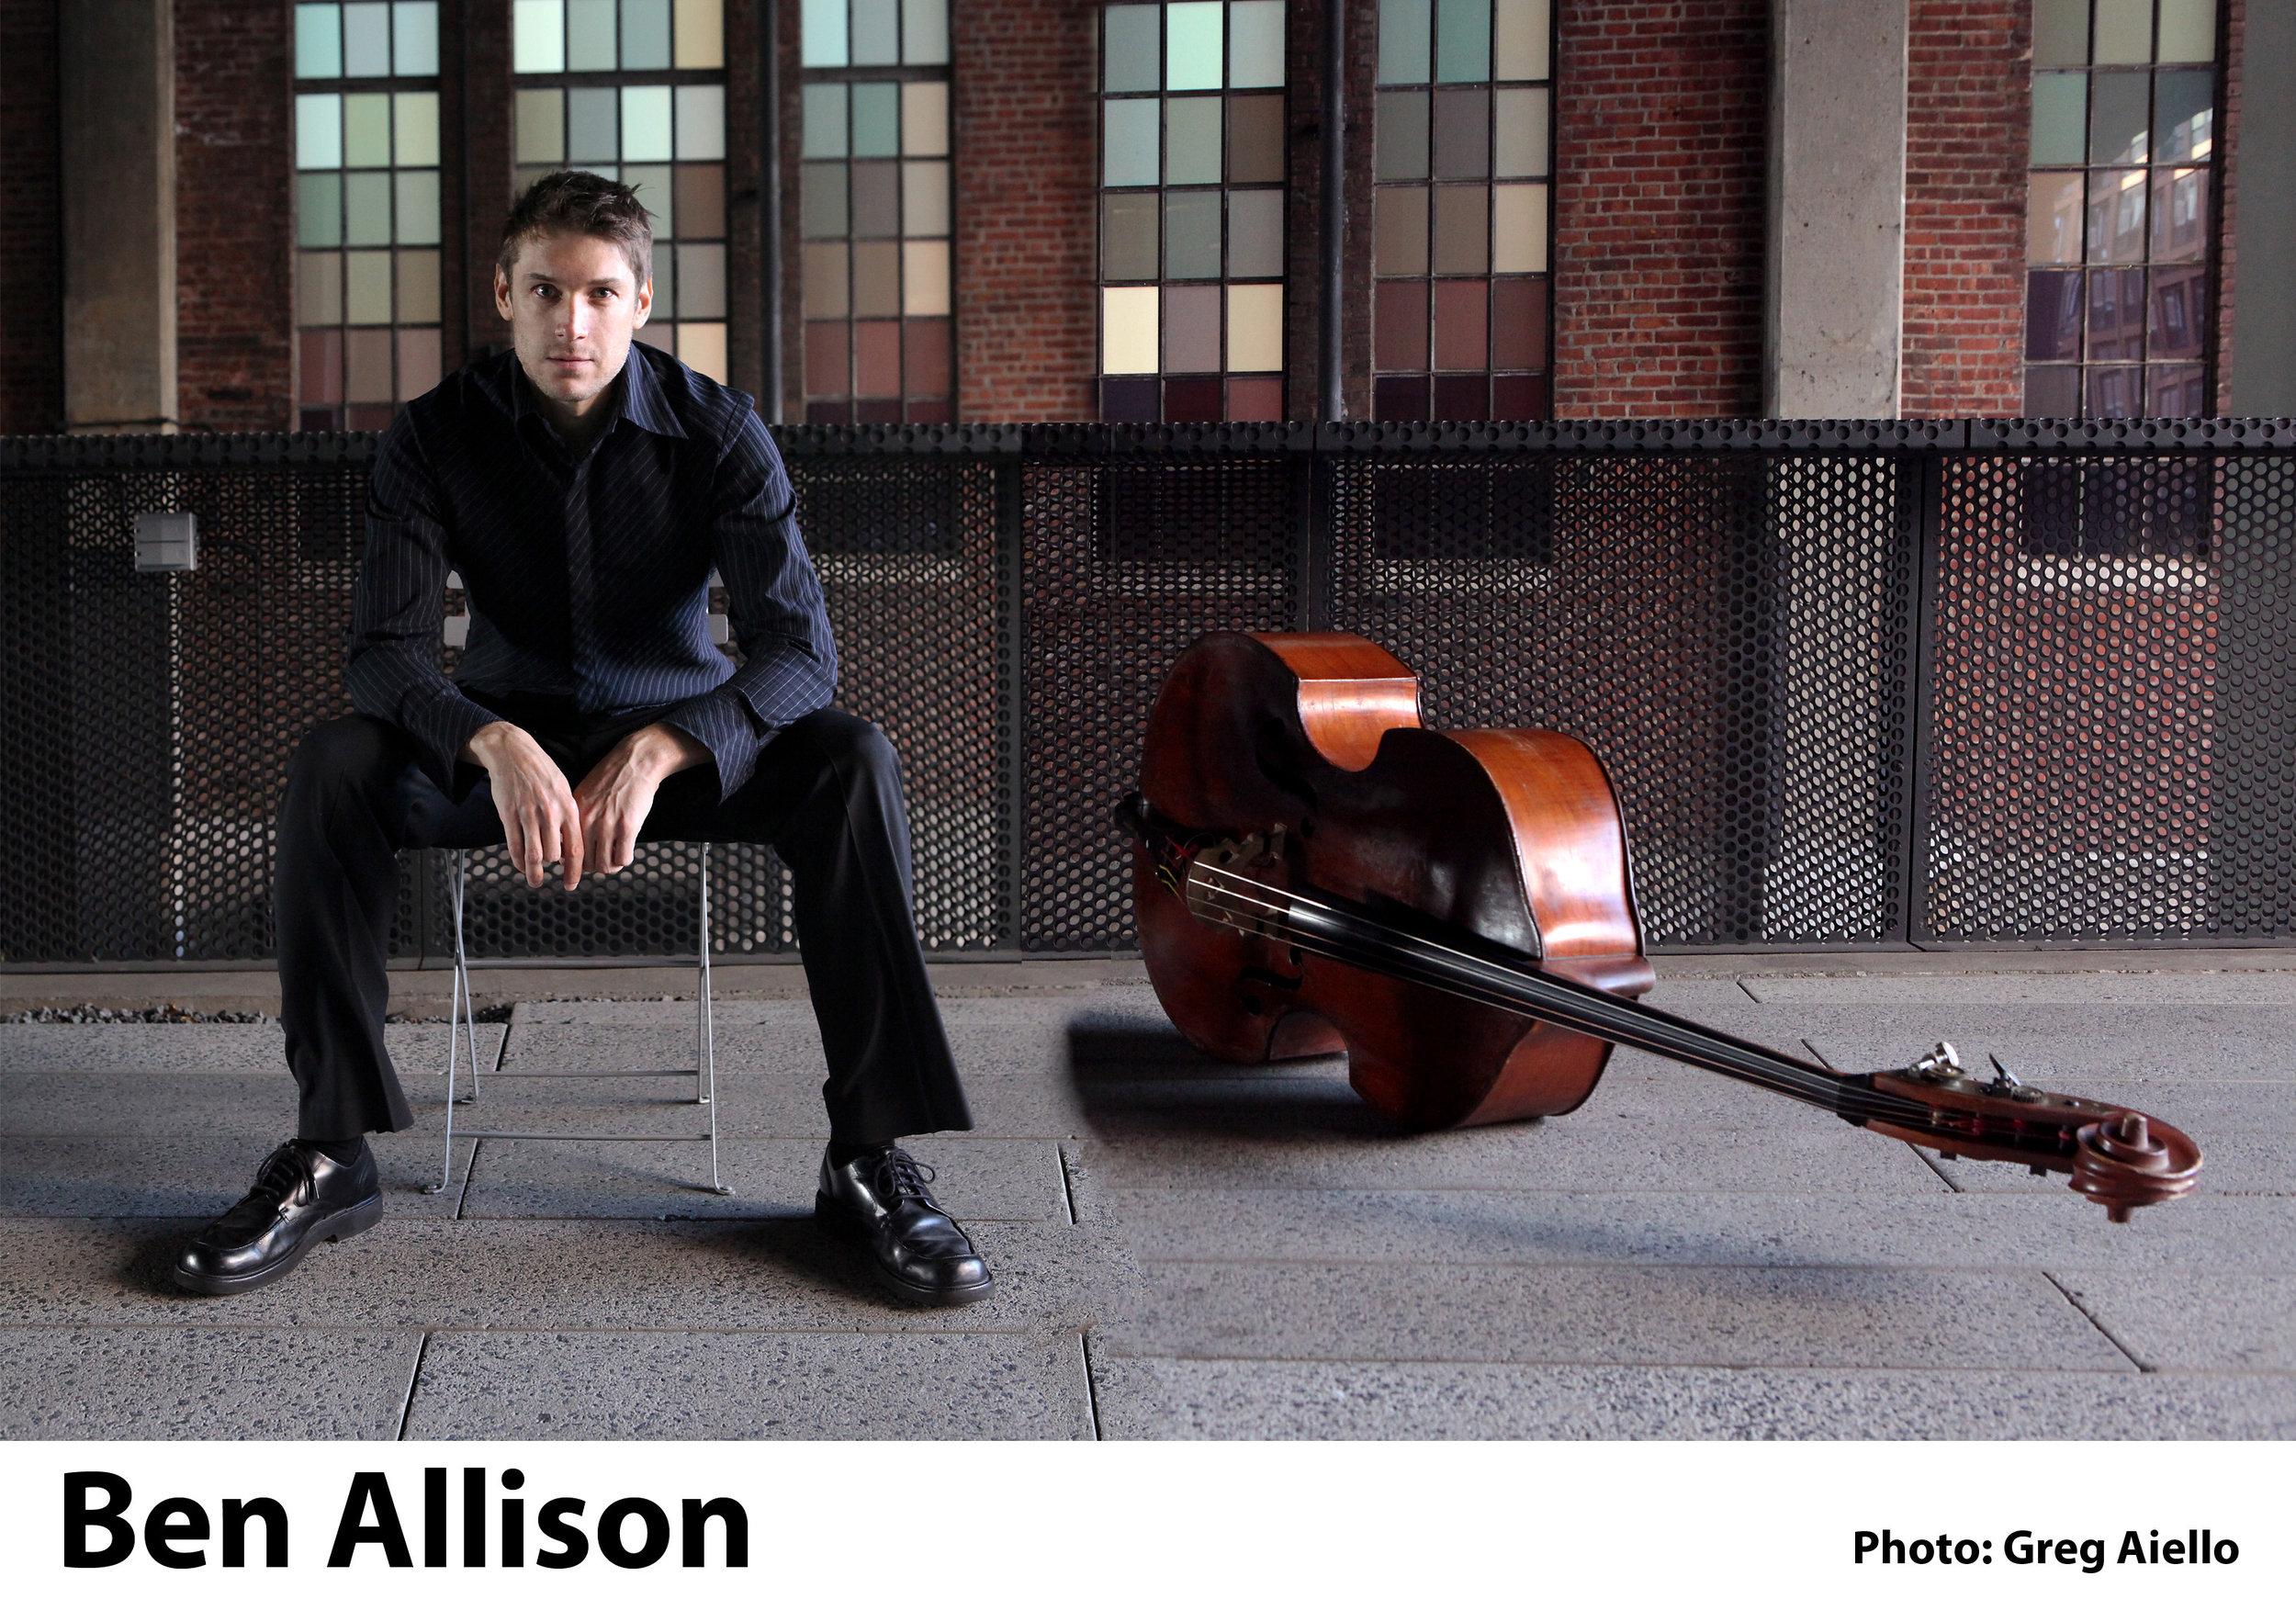 Ben Allison